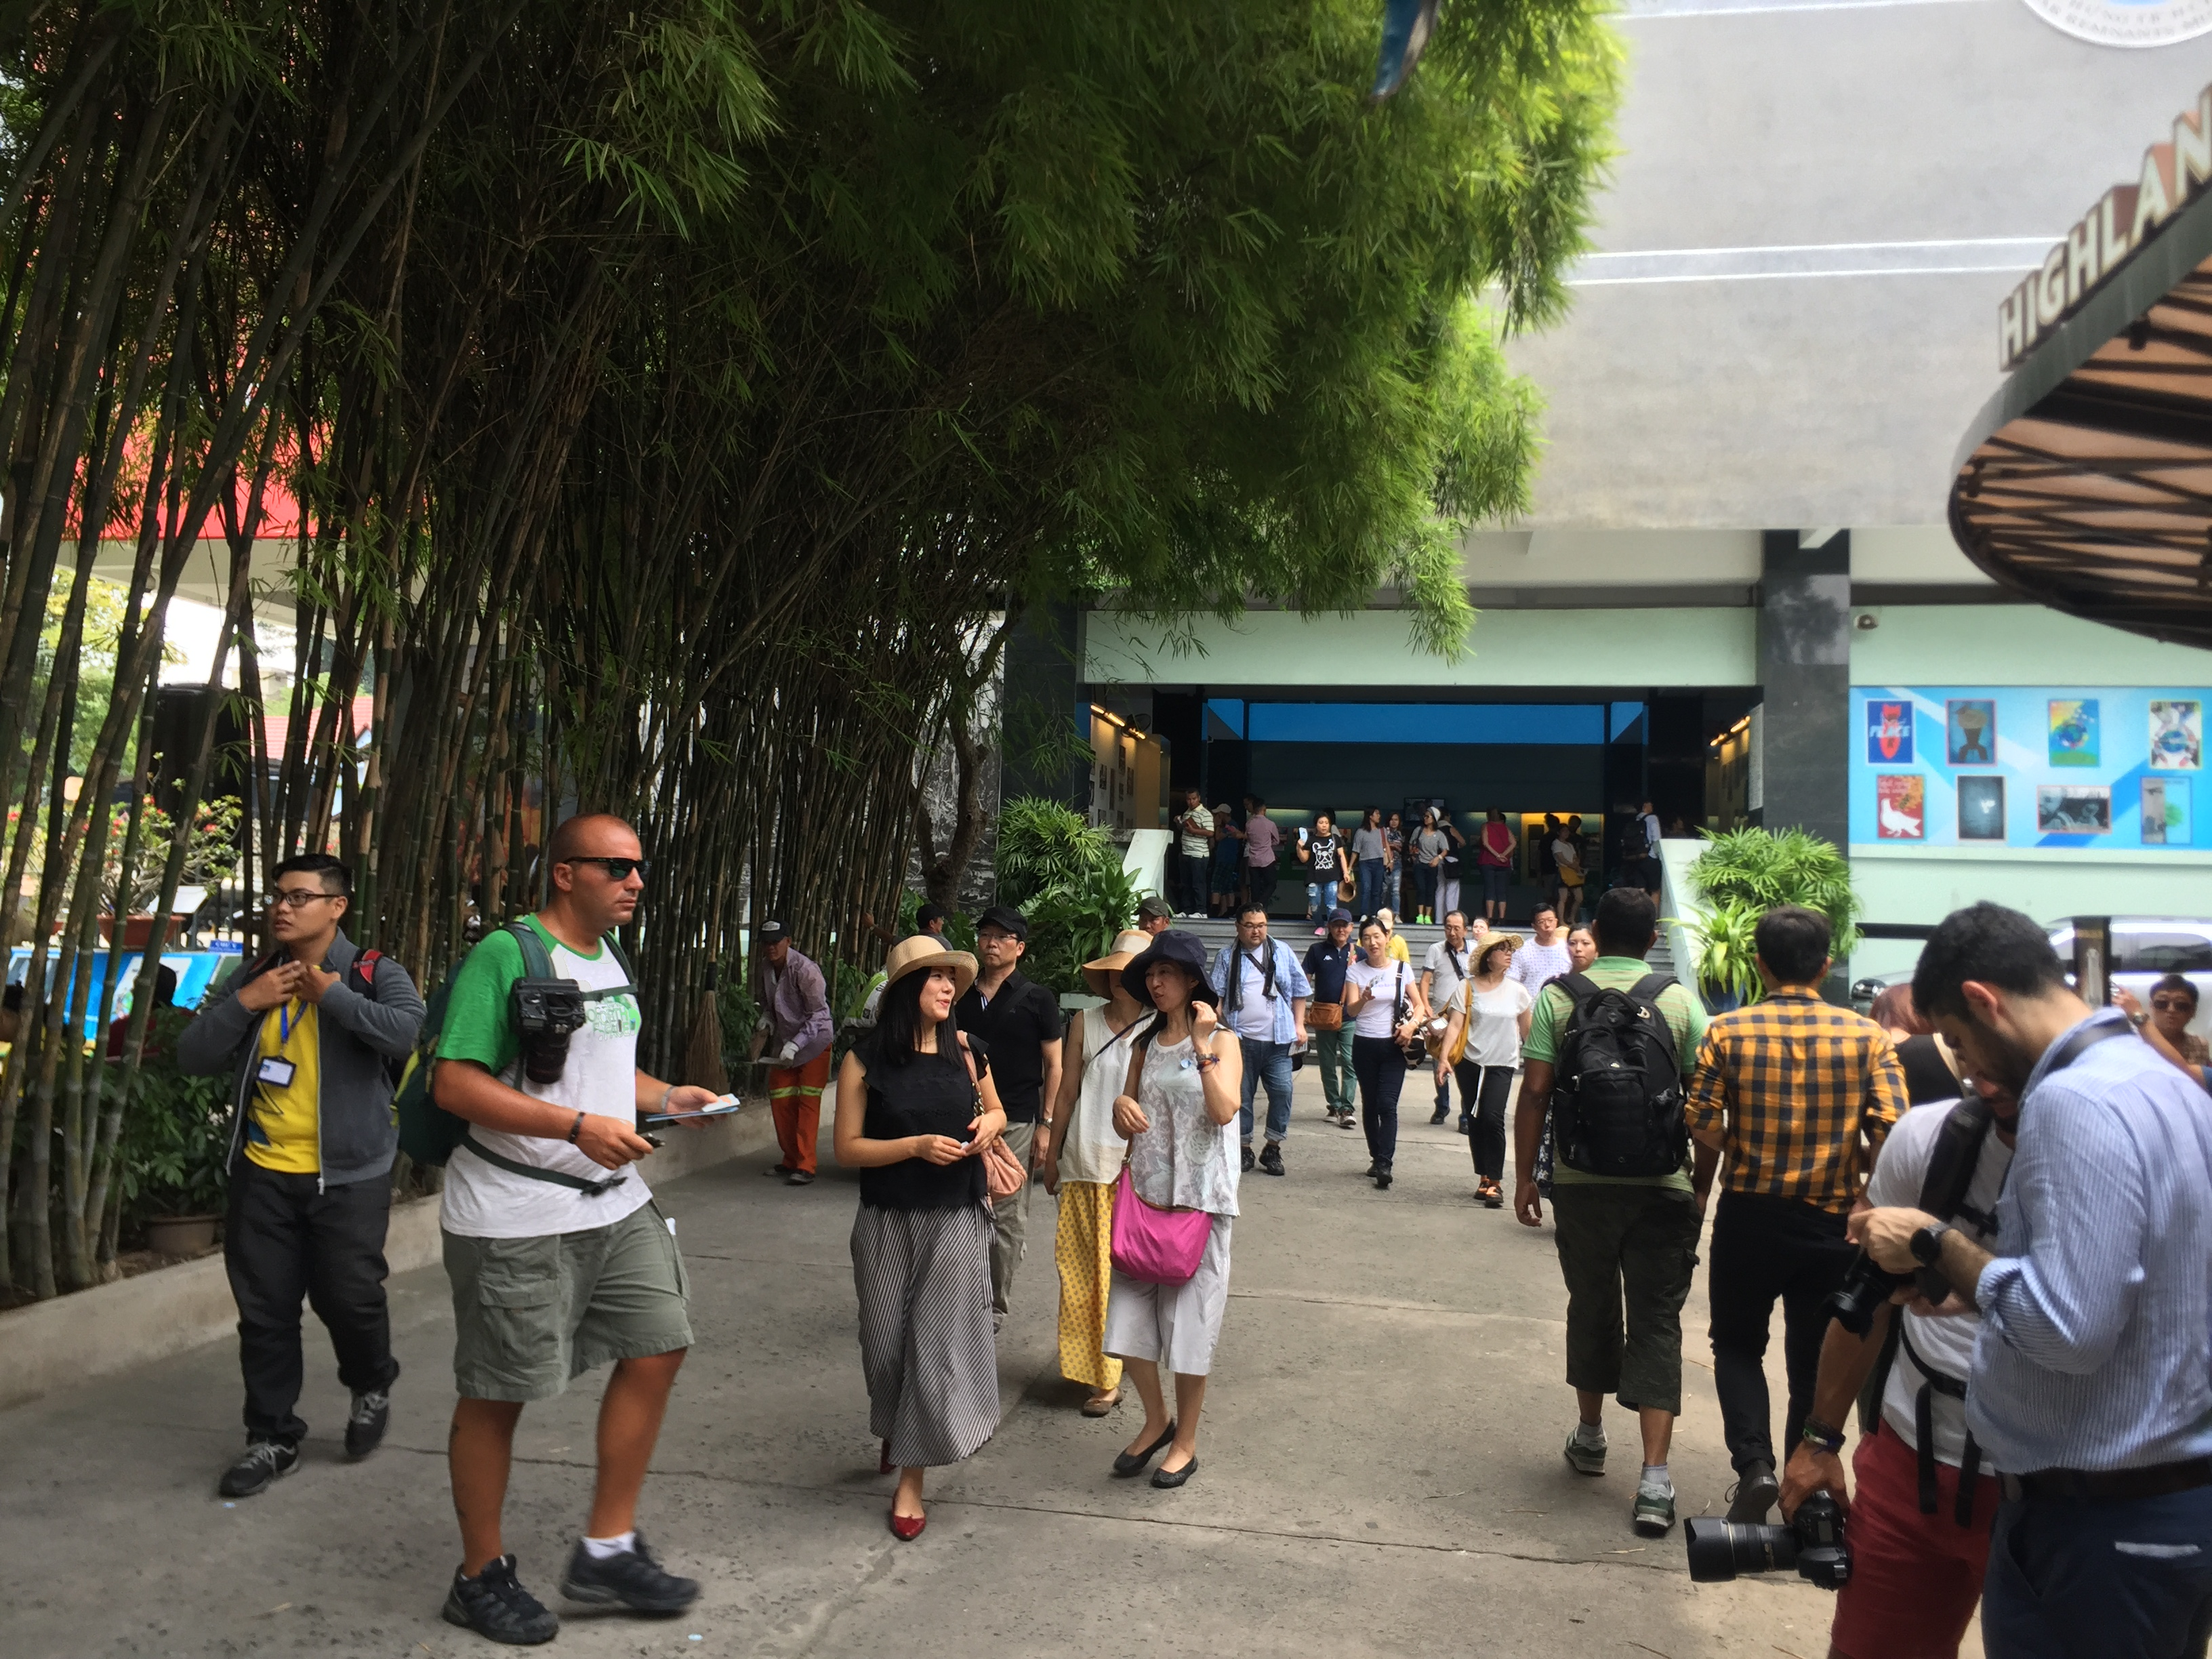 Bảo tàng thế giới thông tầm, bảo tàng Việt đóng cửa ngủ trưa - Ảnh 1.